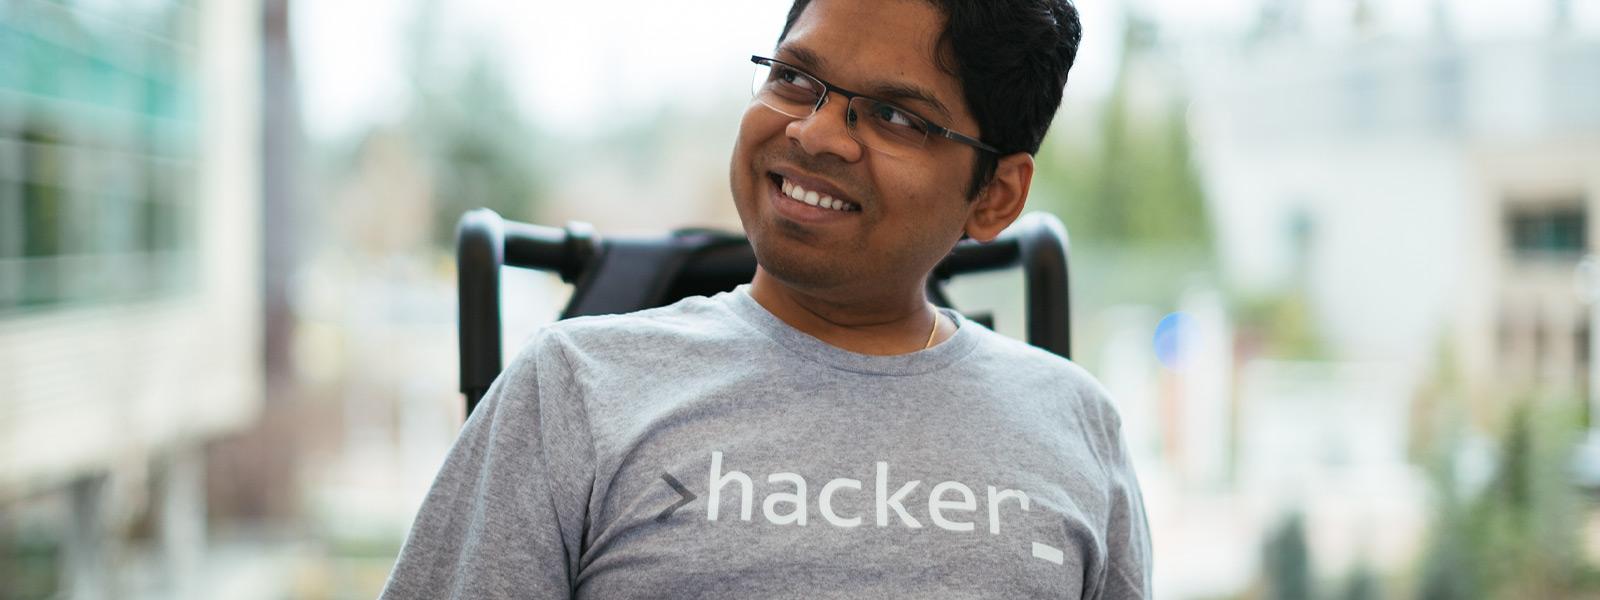 Usmievajúci sa muž sedí na vozíku